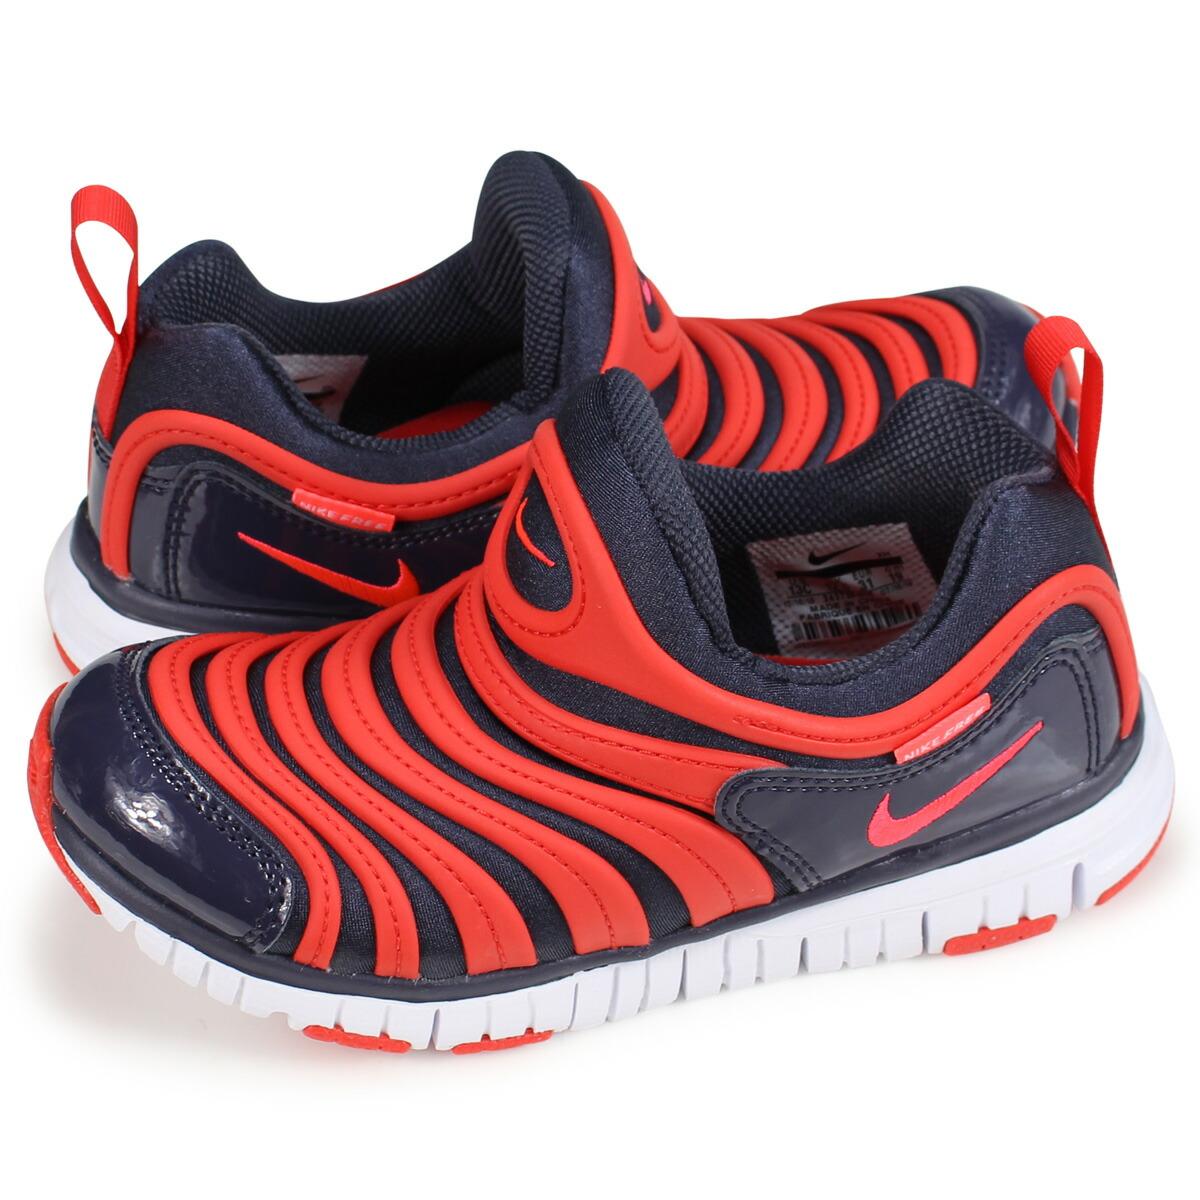 9d32689e54 Whats up Sports: NIKE DYNAMO FREE PS Nike dynamo-free kids sneakers ...